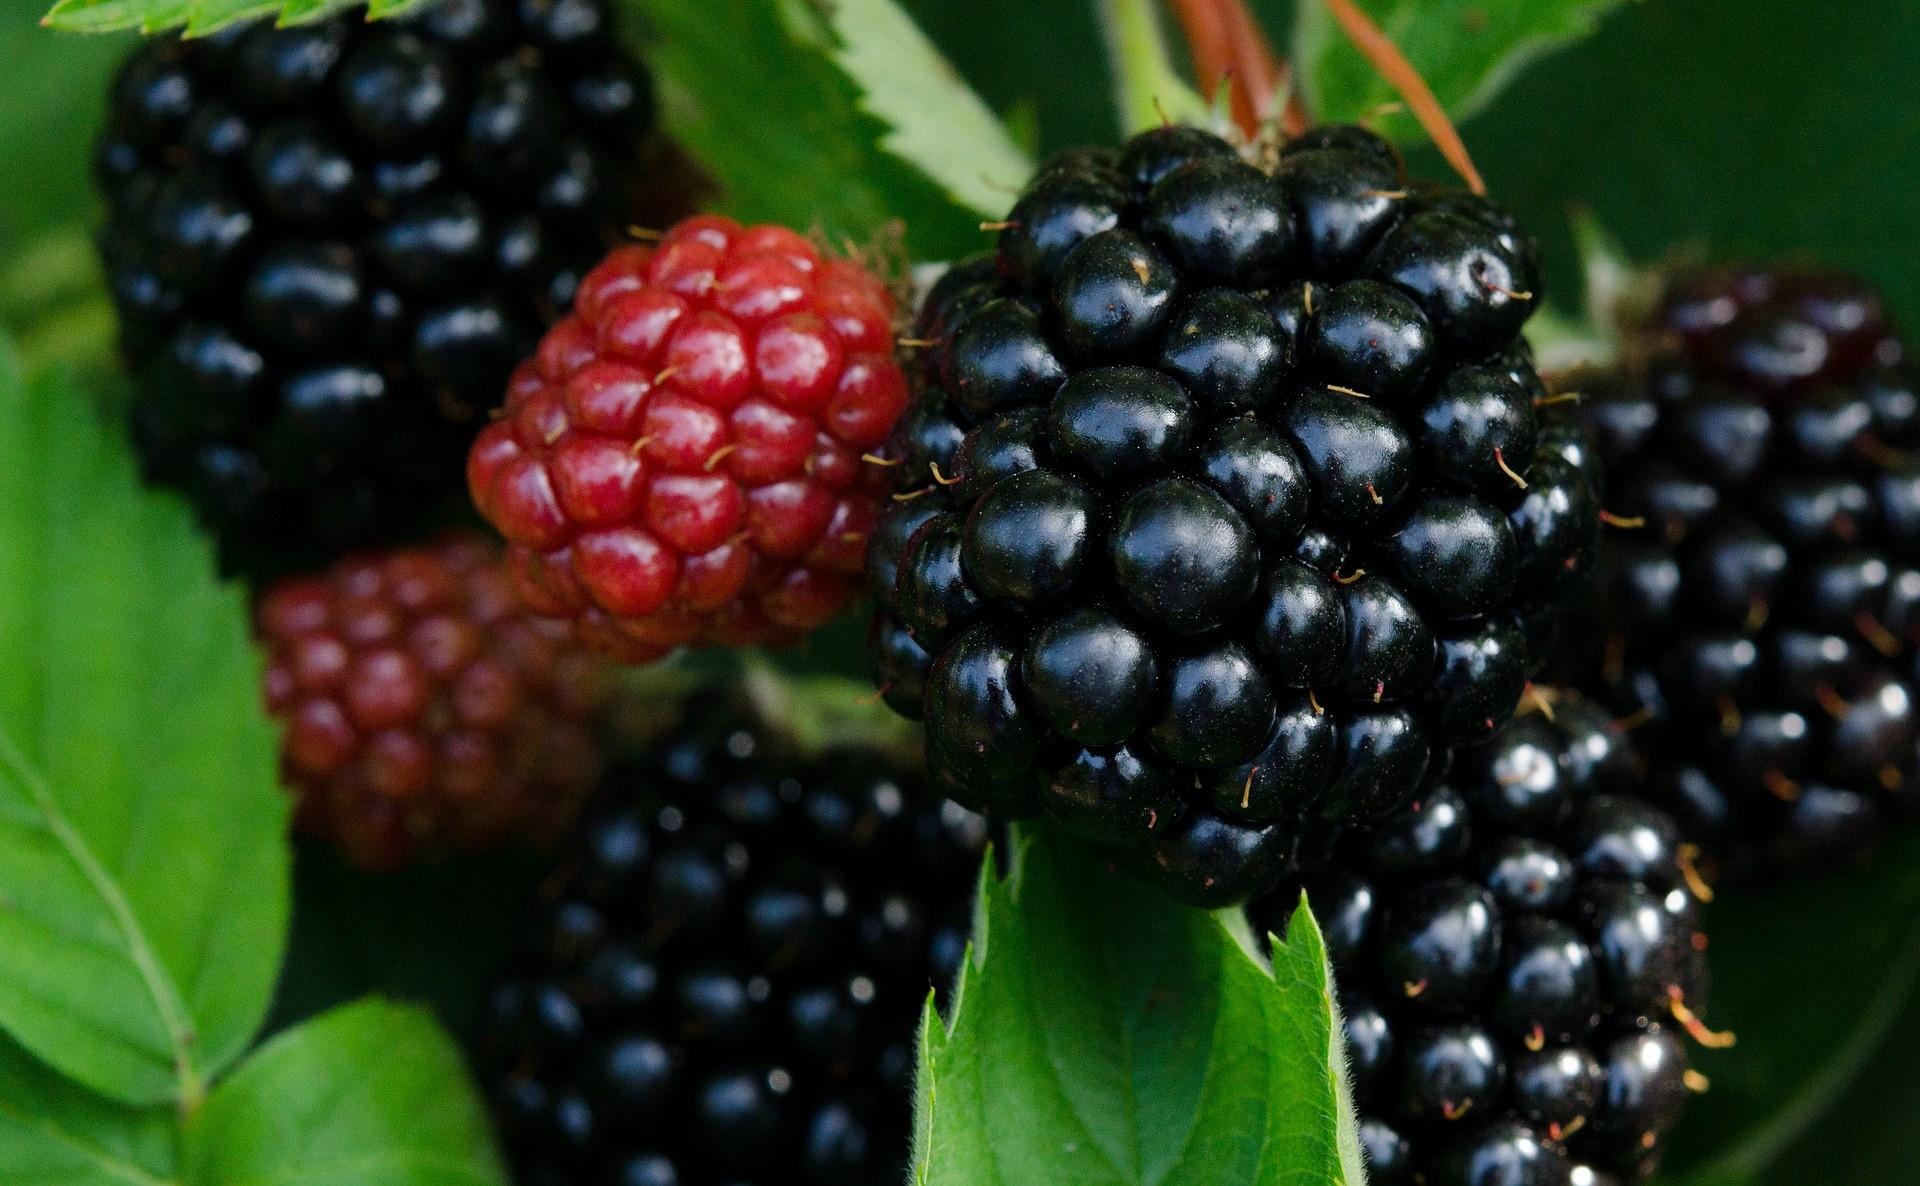 Berry, shrub